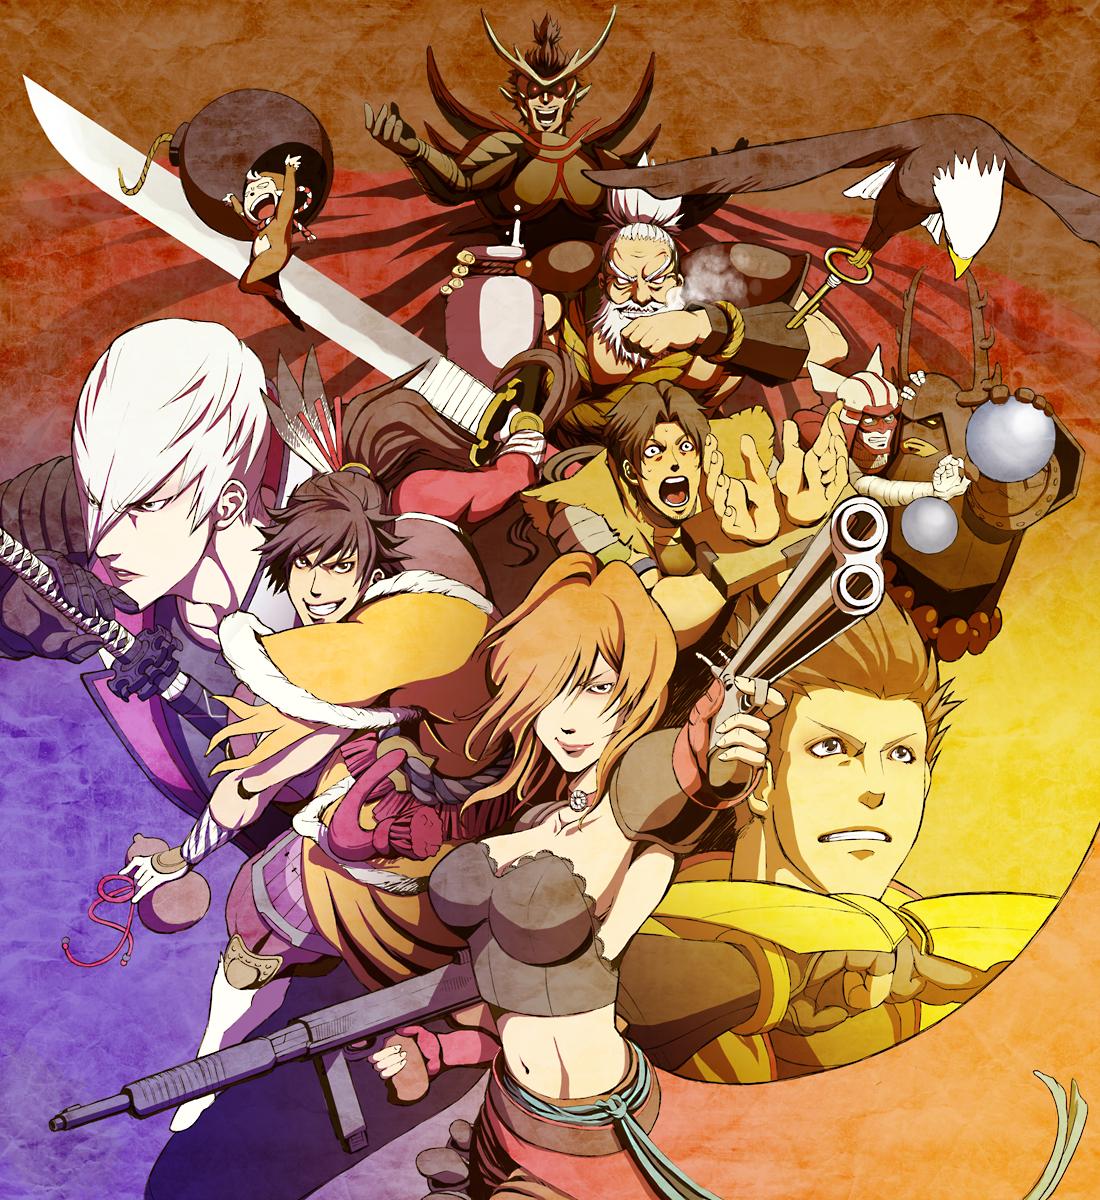 Download Anime Basara: Oda Nobunaga (Sengoku Basara)